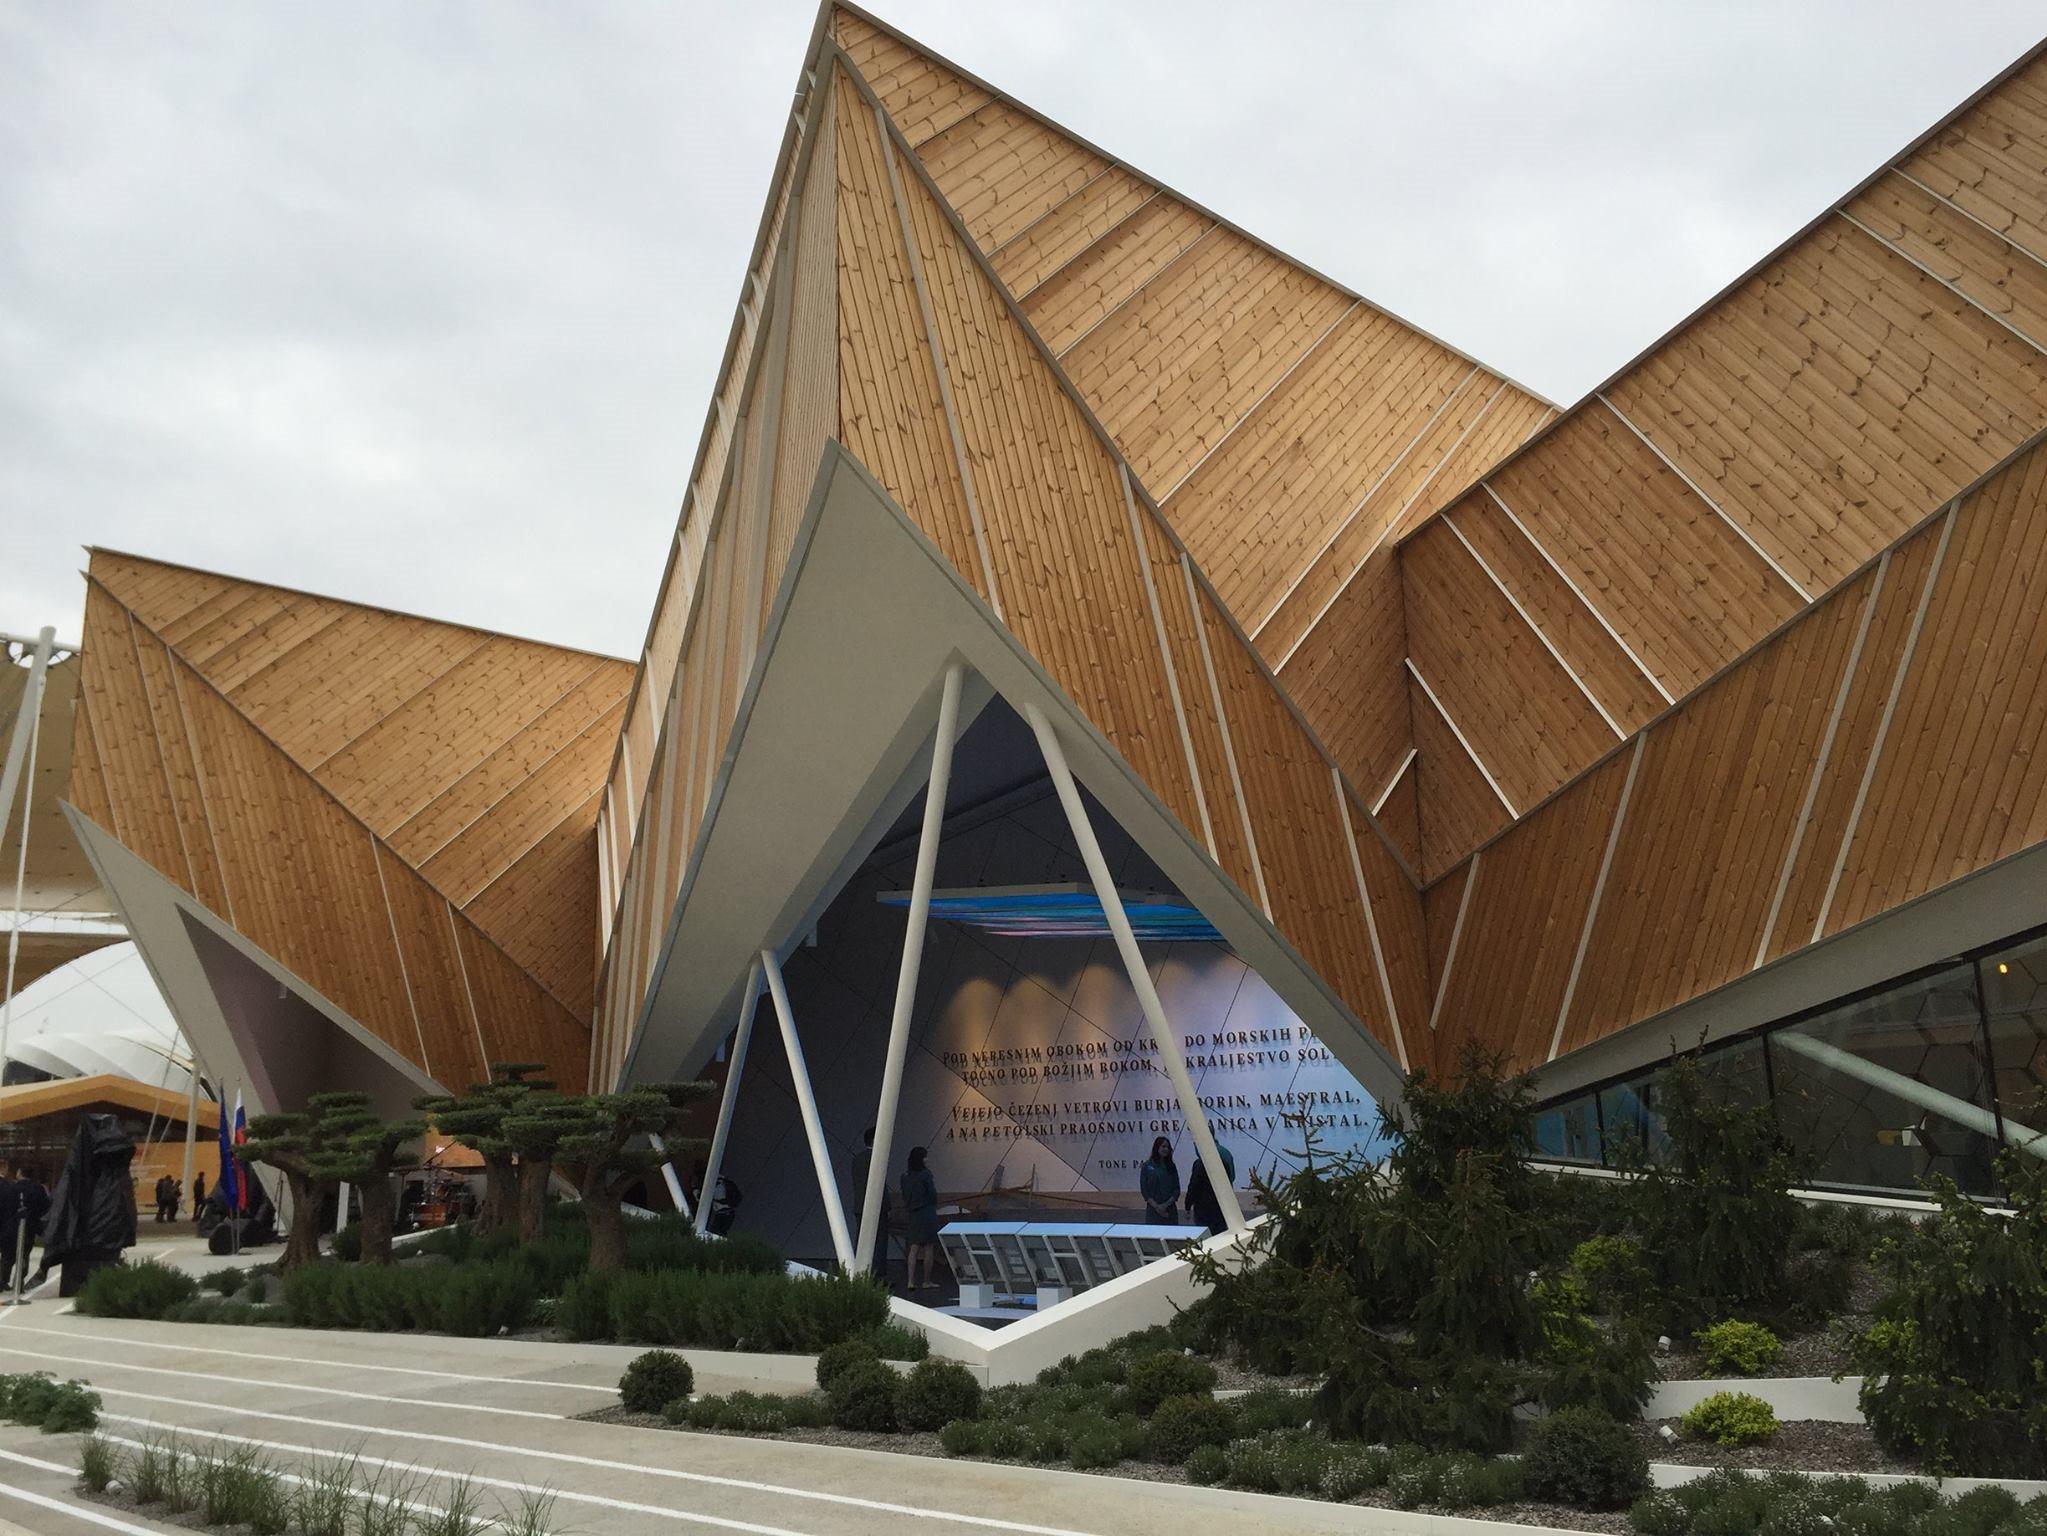 Na potrditev s strani vlade, da paviljon res preselijo v Murskio Soboto, soboška občina še čaka